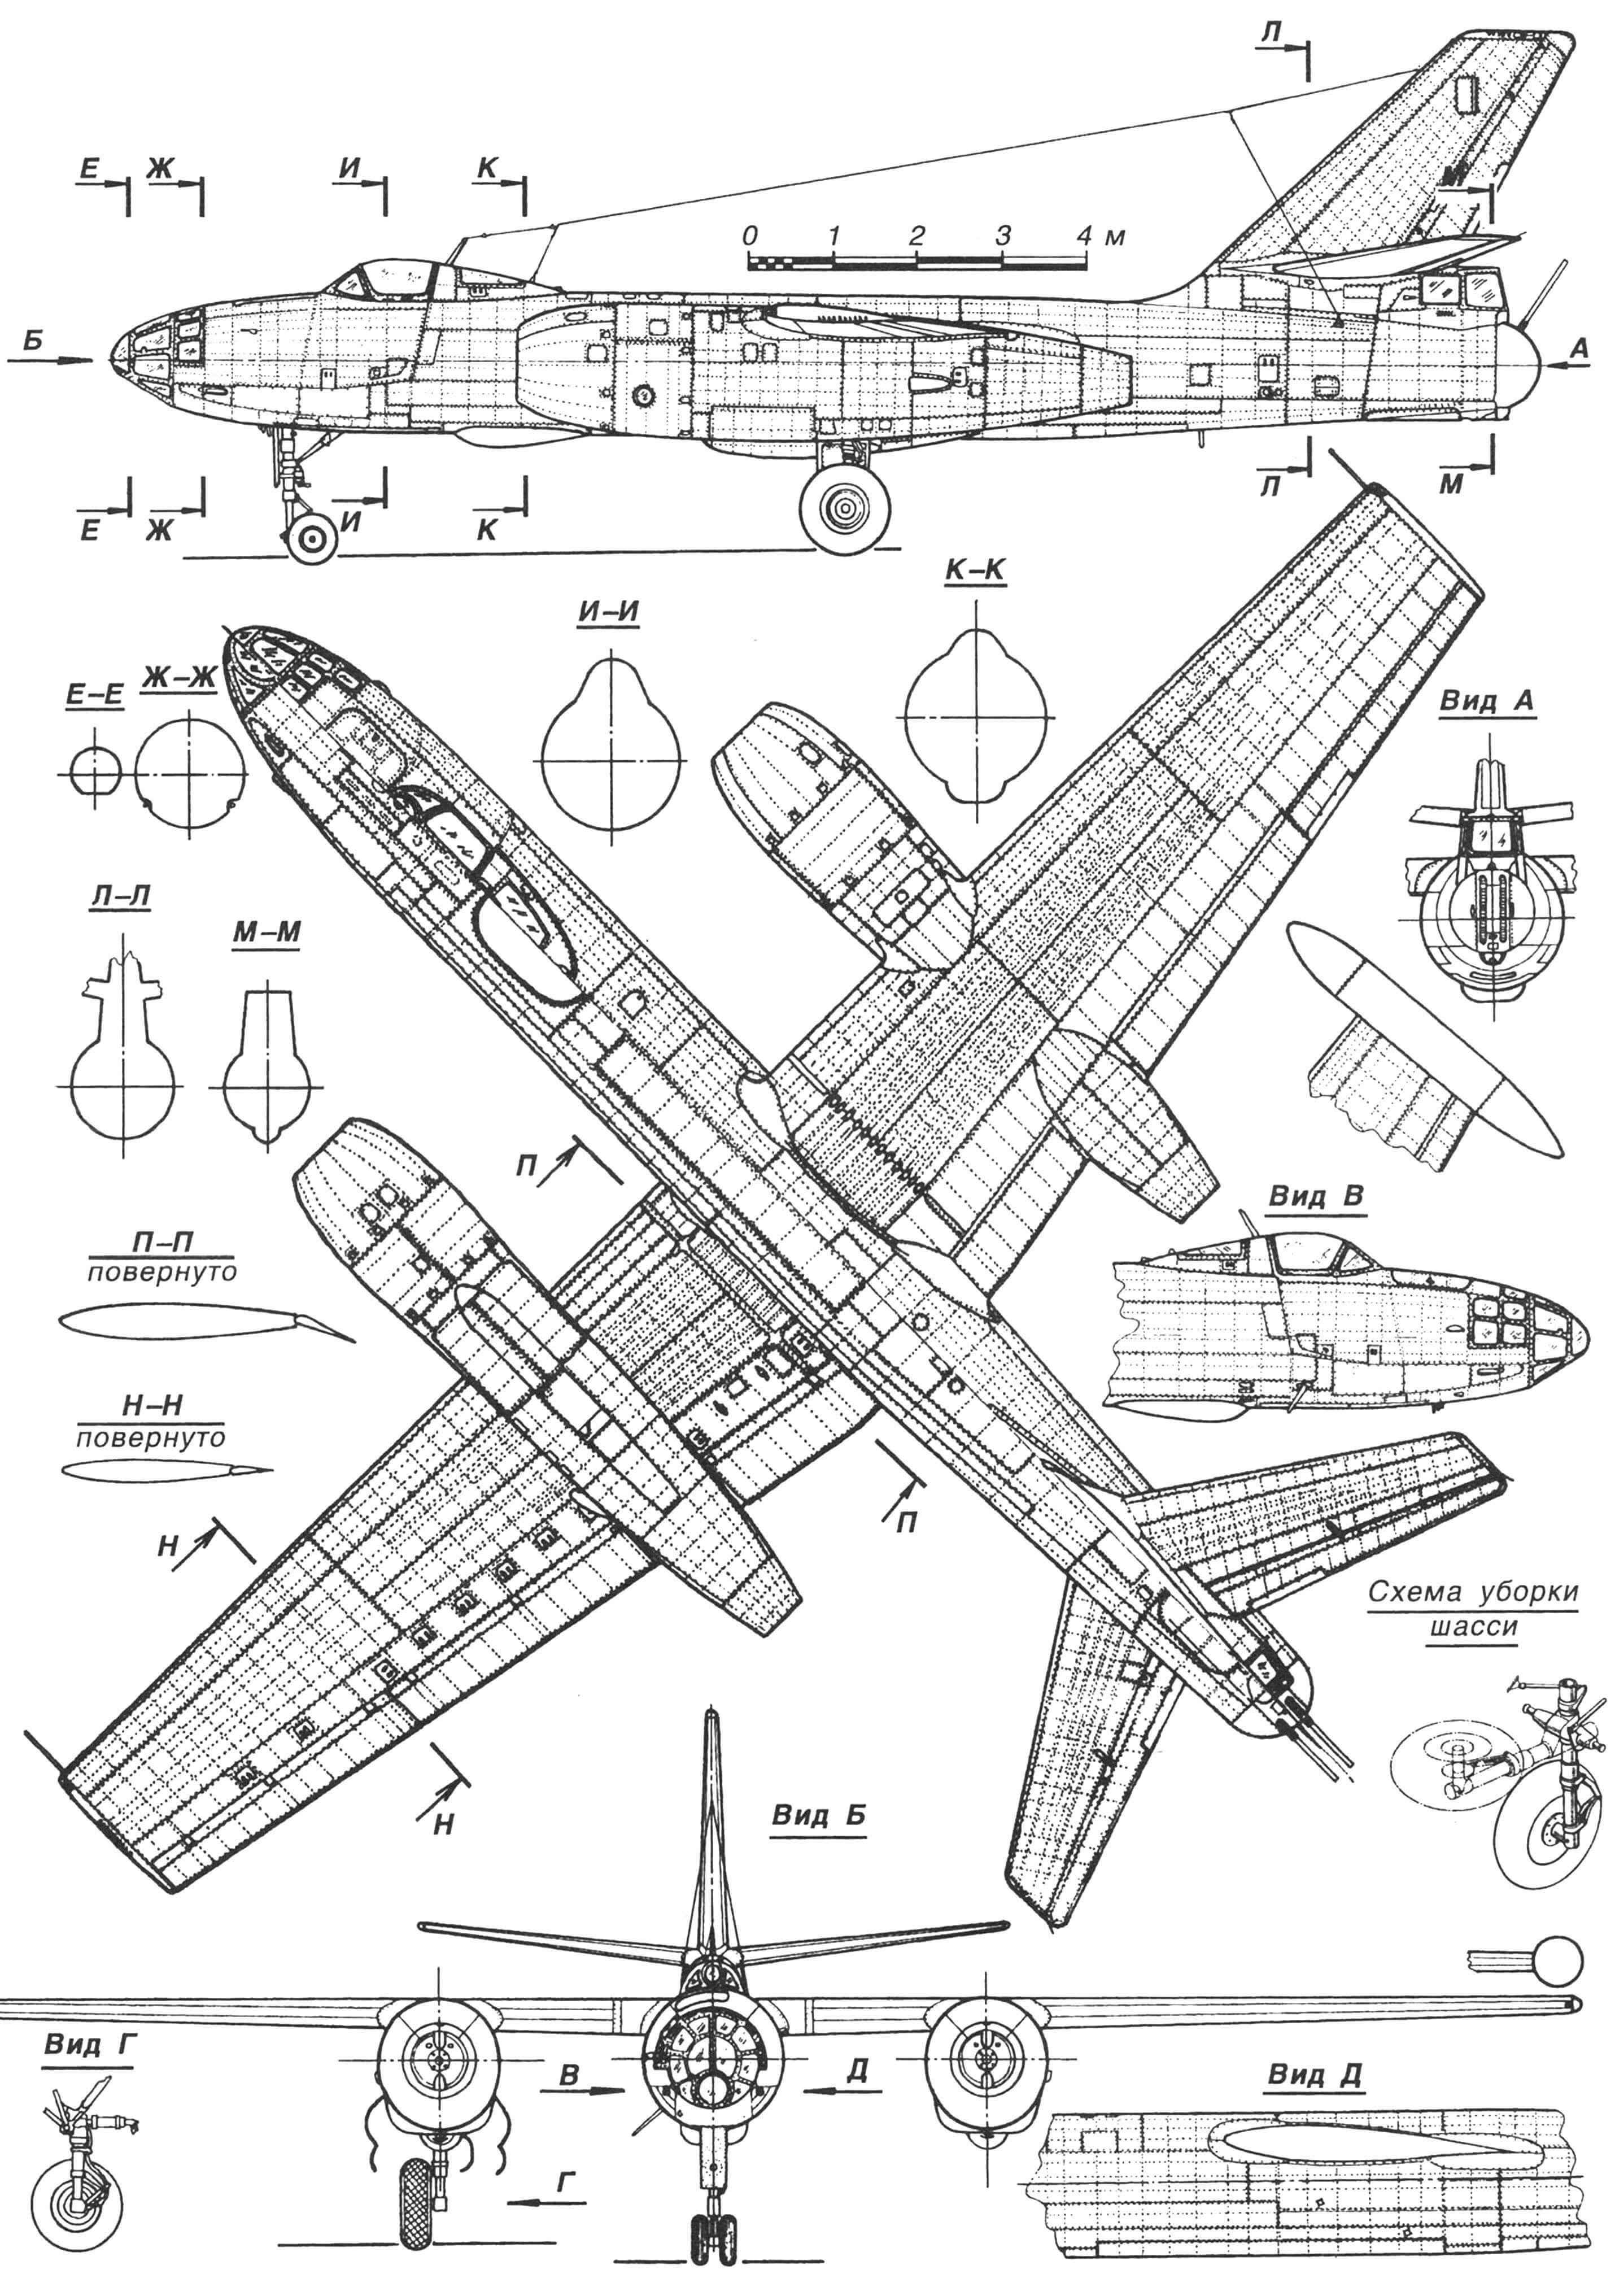 Фронтовой реактивный бомбардировщик Ил-28